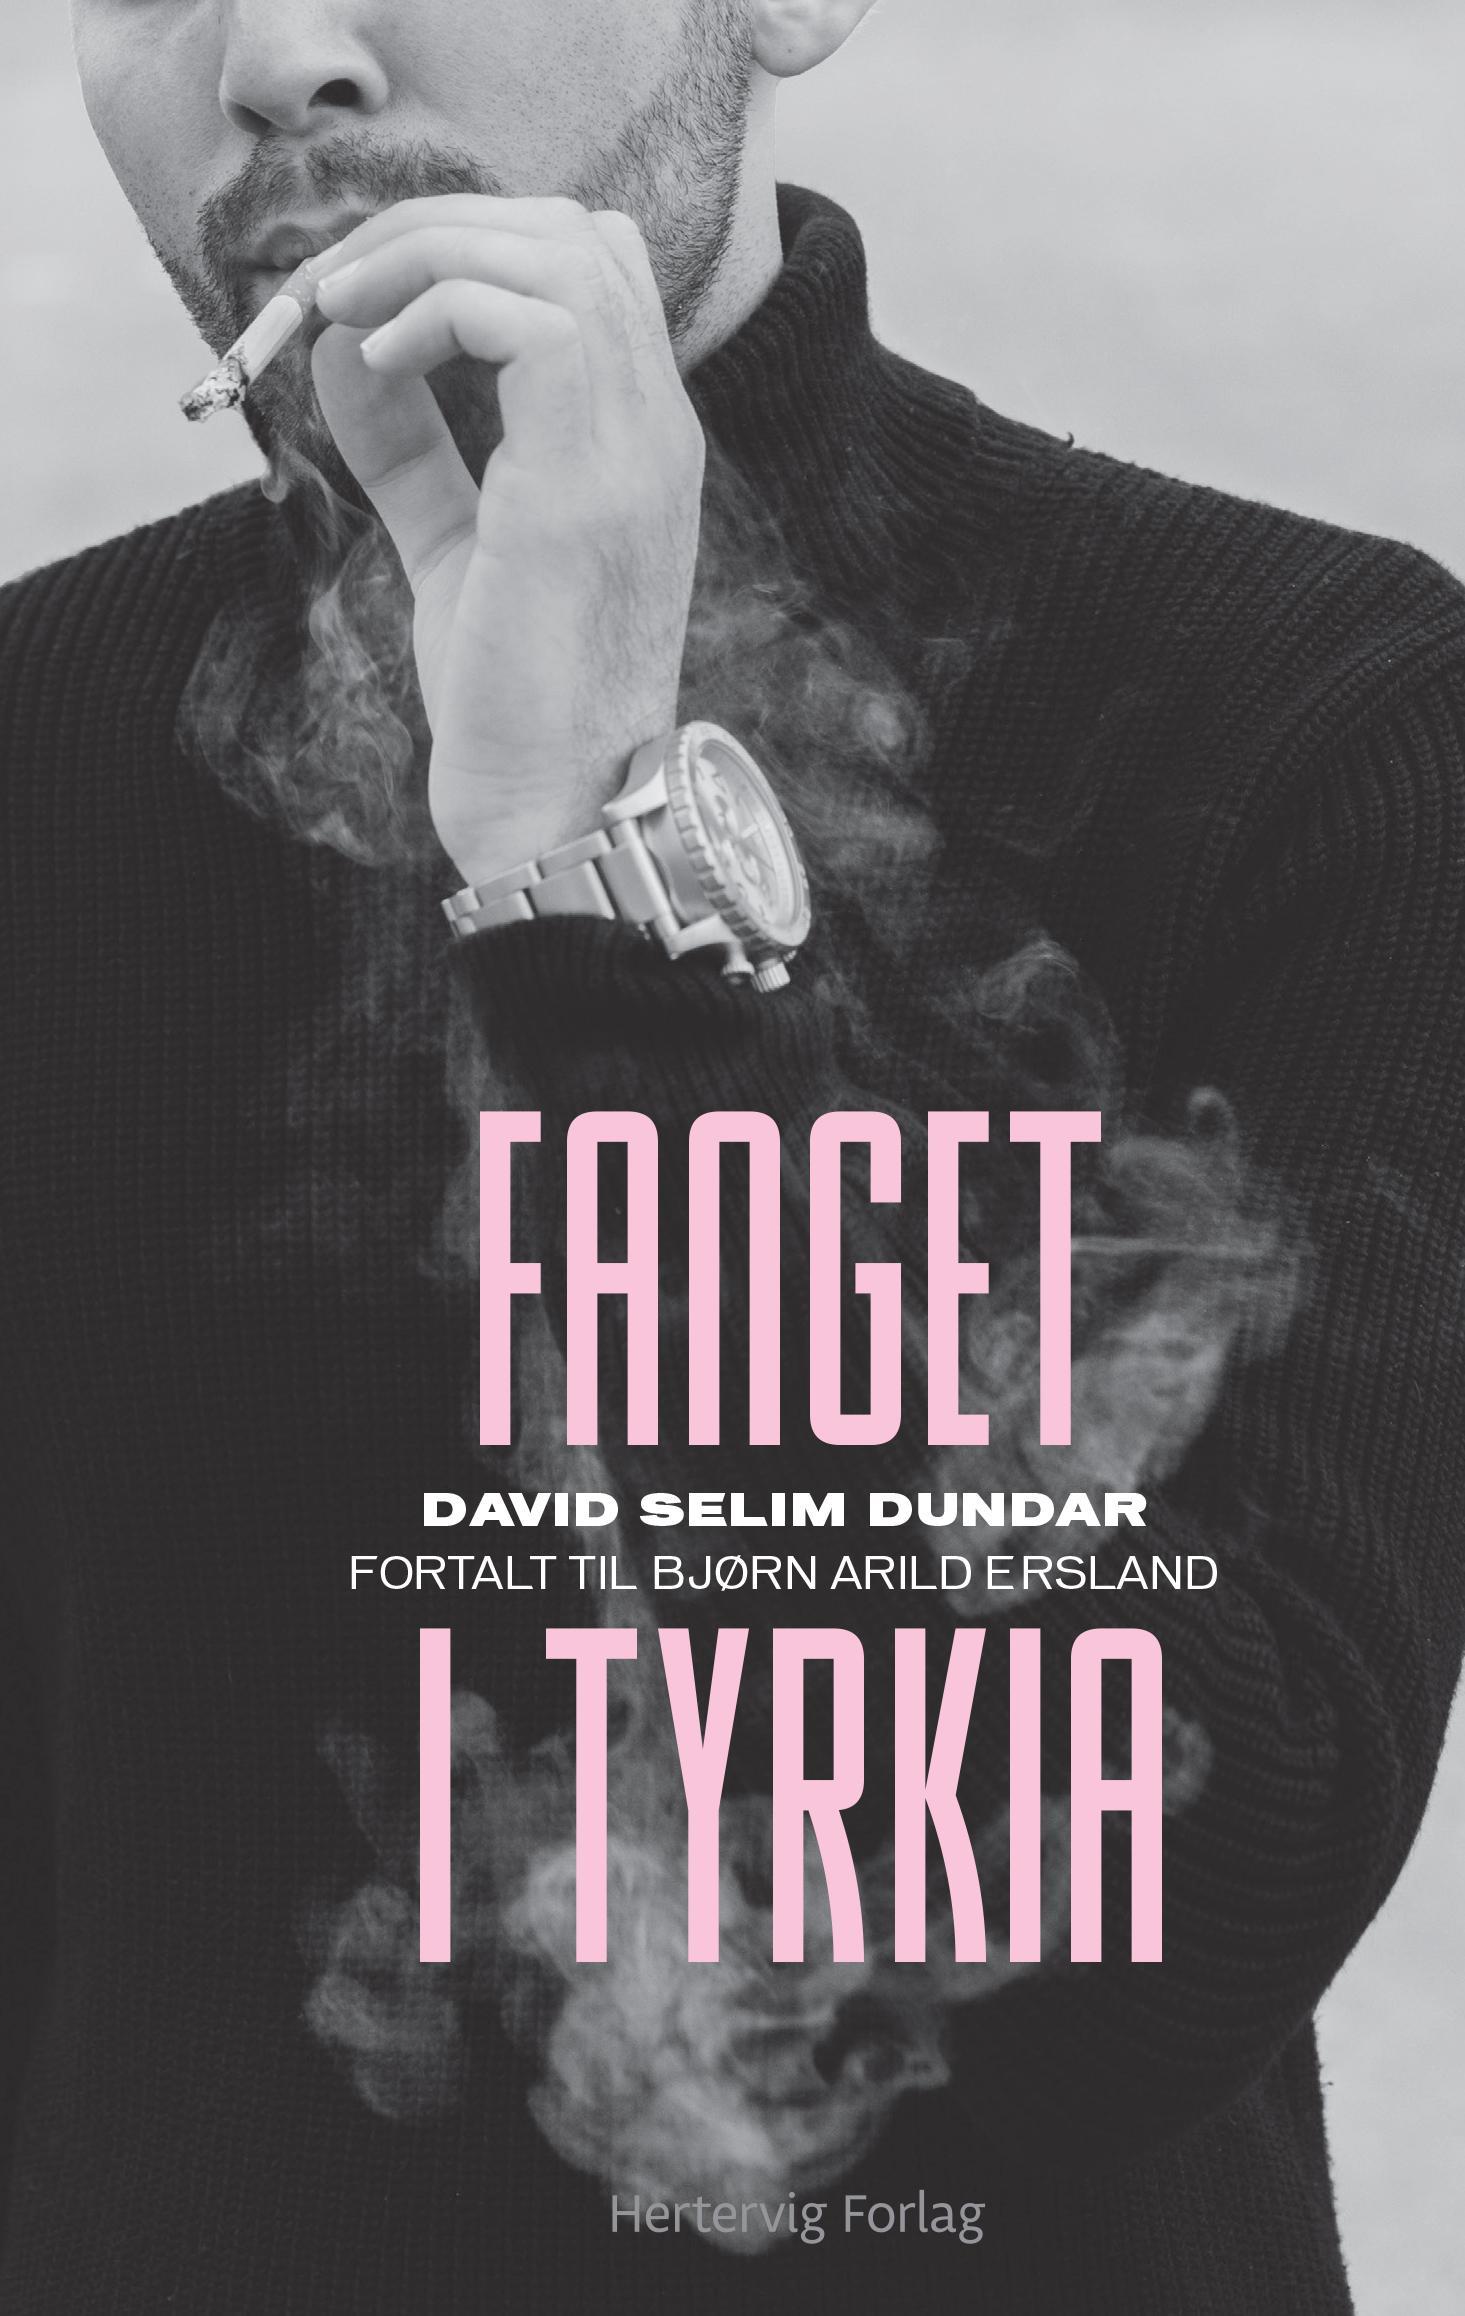 """""""Fanget i Tyrkia"""" av David Selim Dundar"""